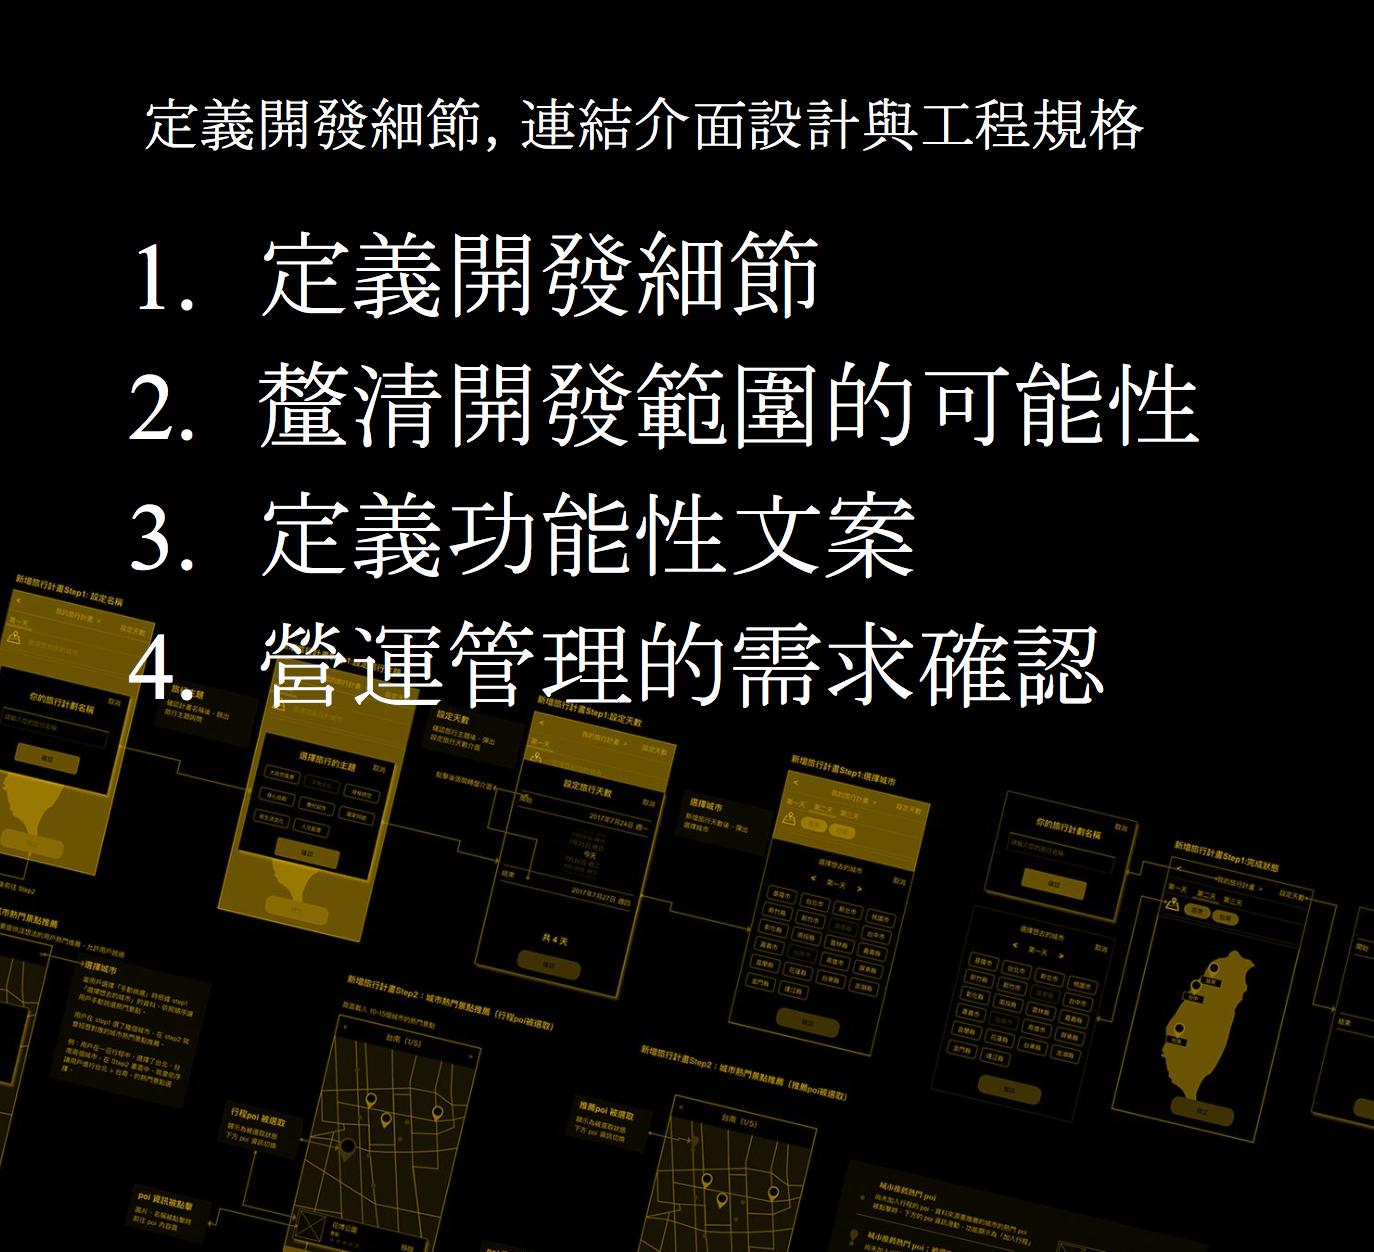 圖三、資訊架構以及wireframe是連結設計師與工程師的工作藍圖